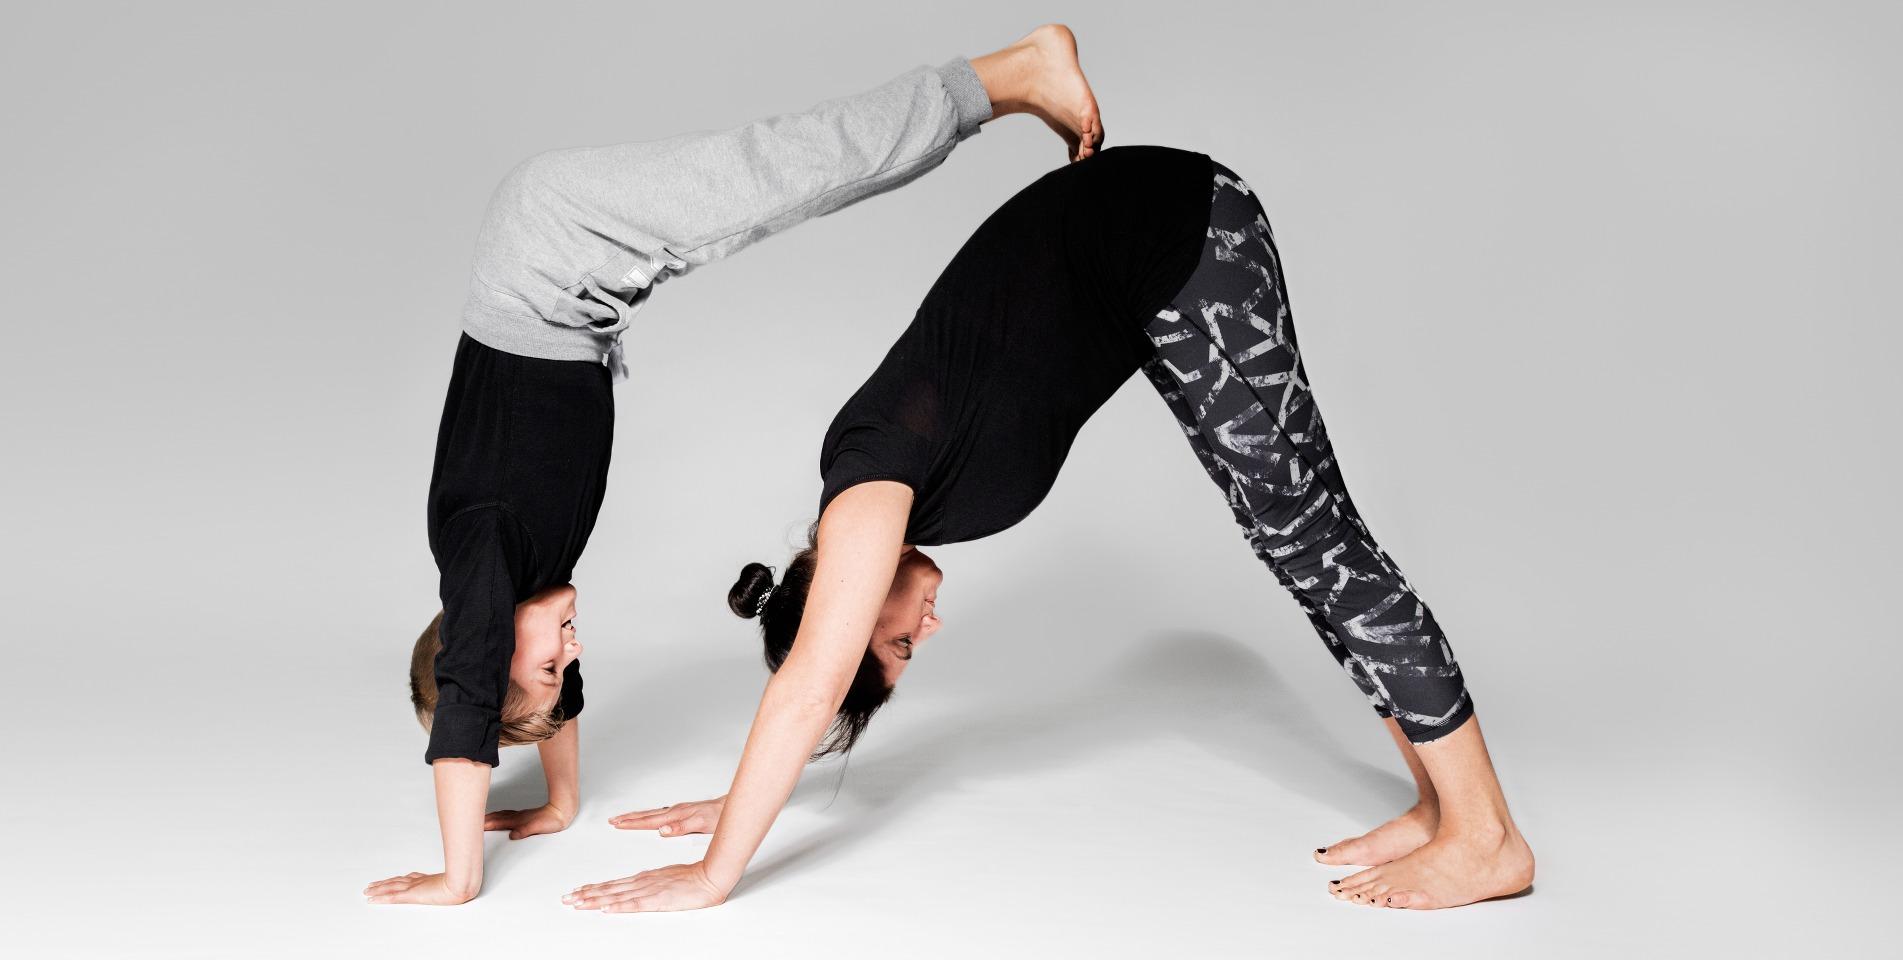 Yoga Fit Koblenz